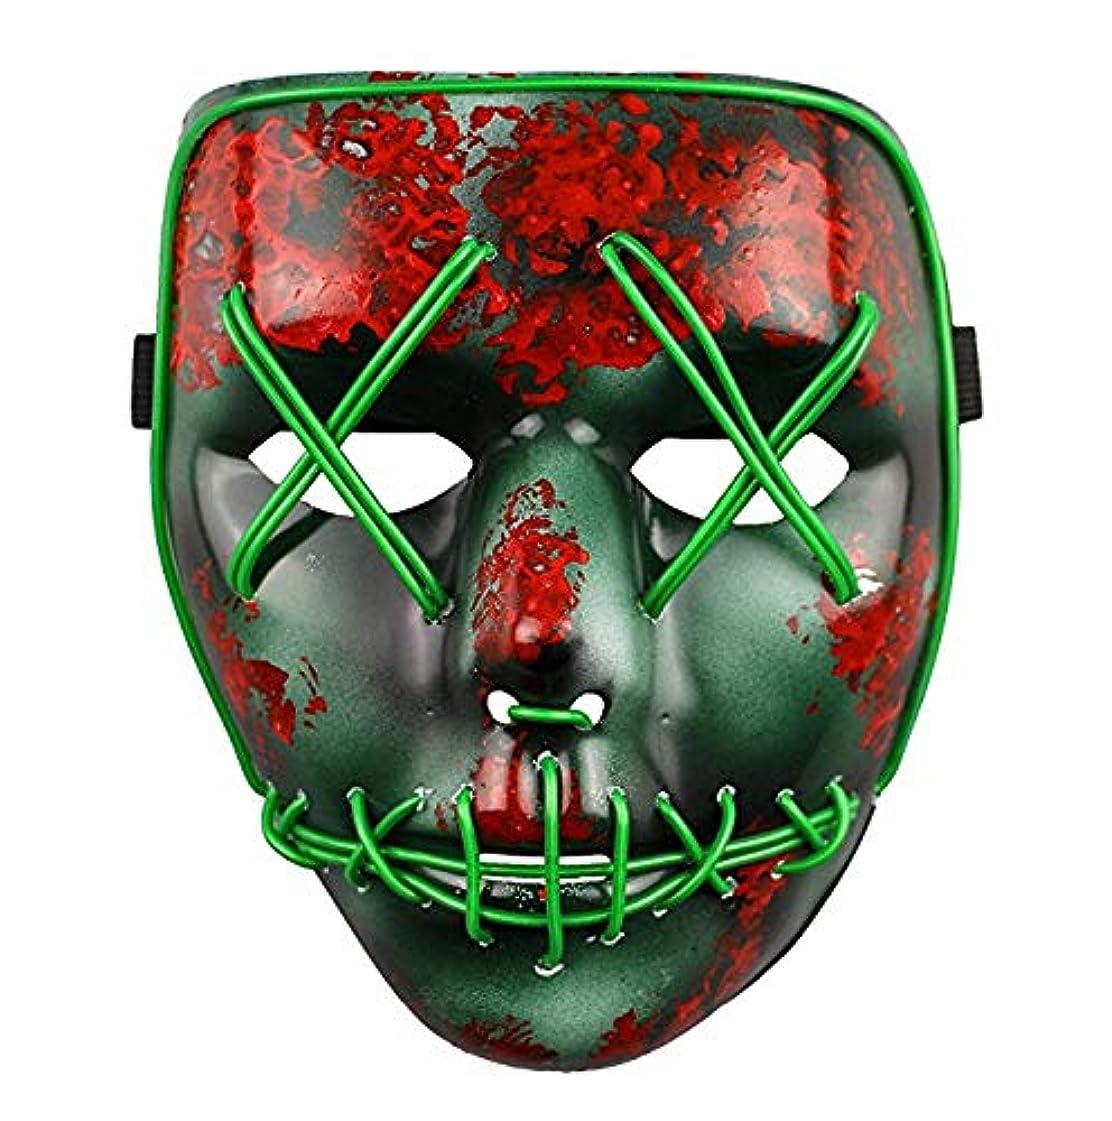 霊意欲延ばすライトアップマスクフェスティバルハロウィンコスチュームアダルトマスク